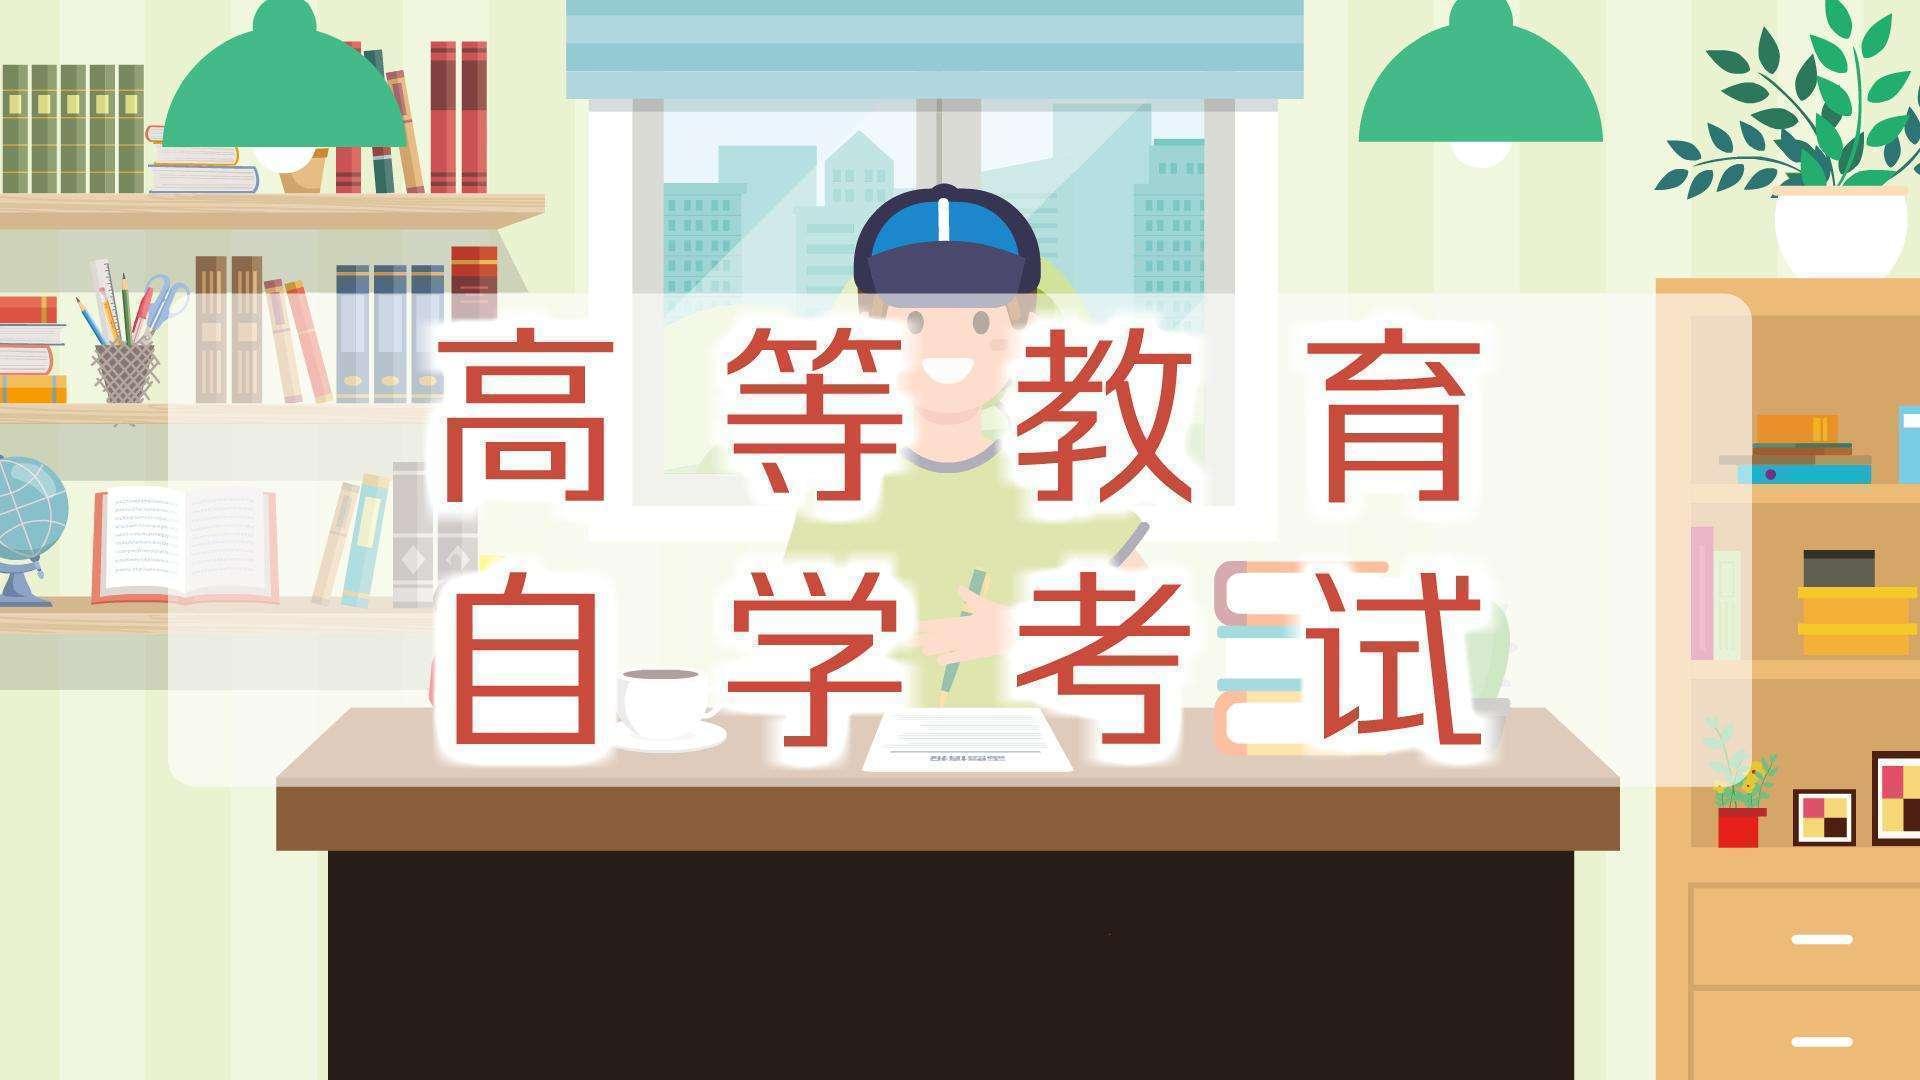 四川师范大学自考跟成人高考相比有什么优势?